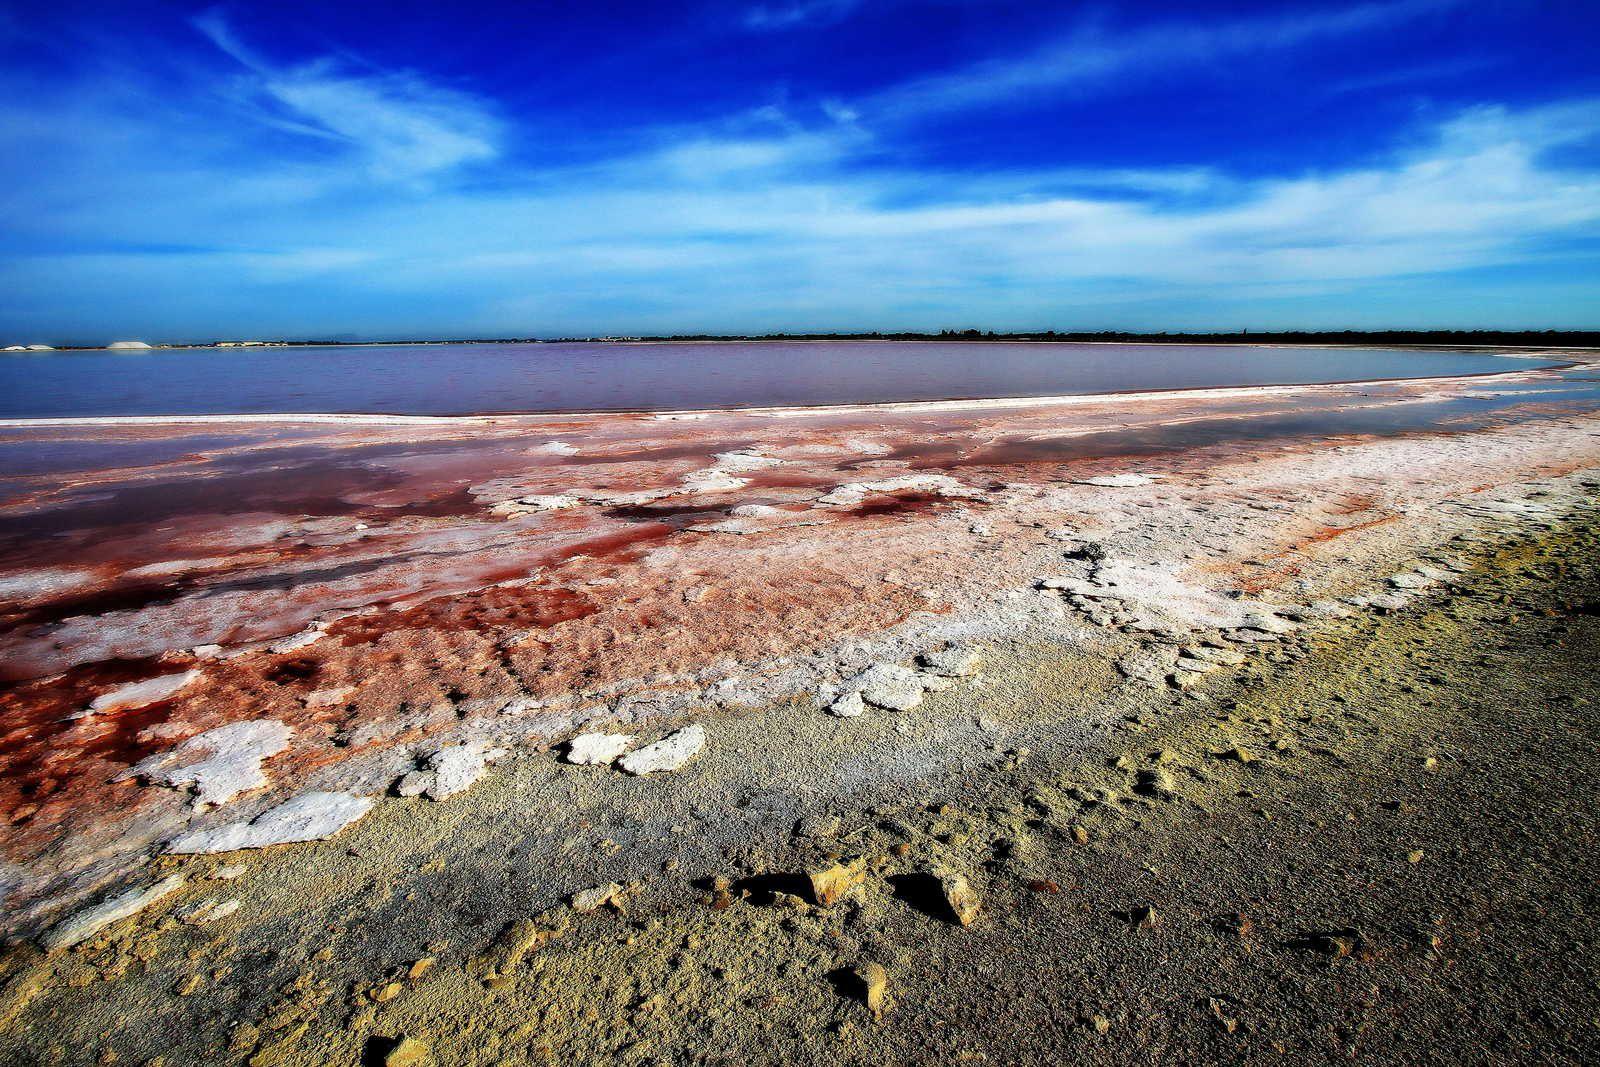 Les Salins du Midi (Life on Mars)